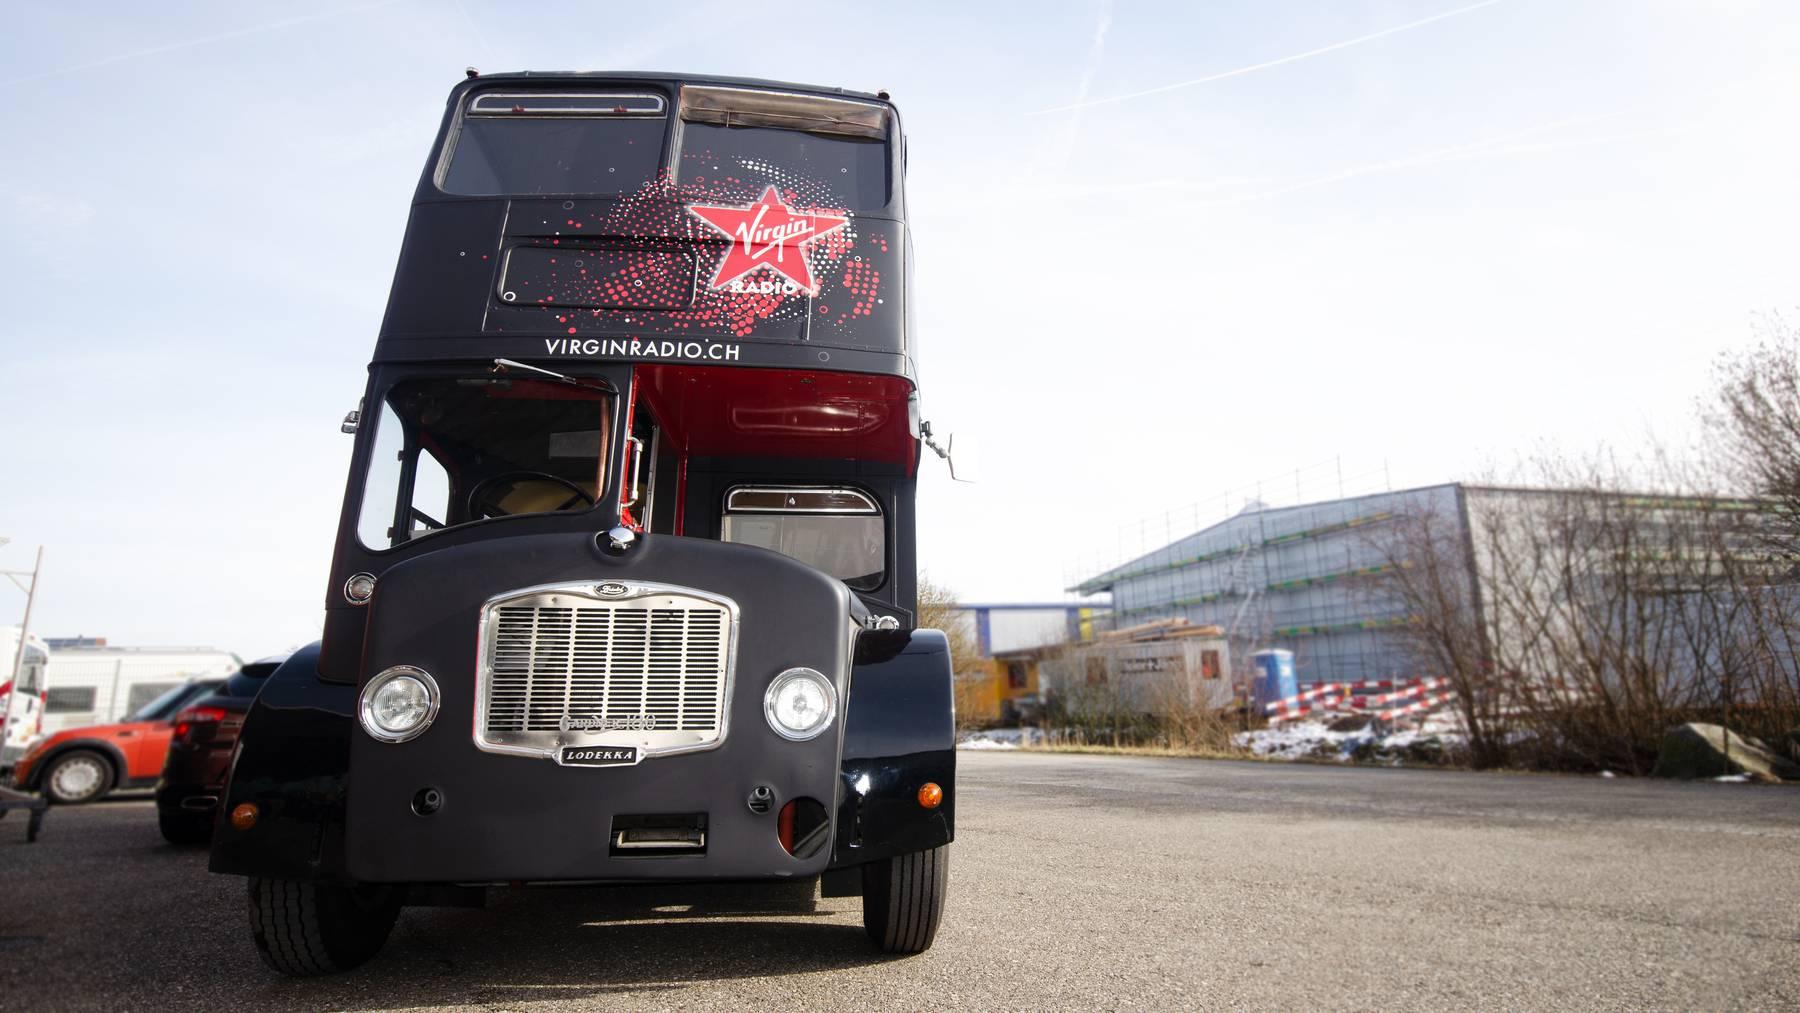 Virgin Radio Londonbus von vorne